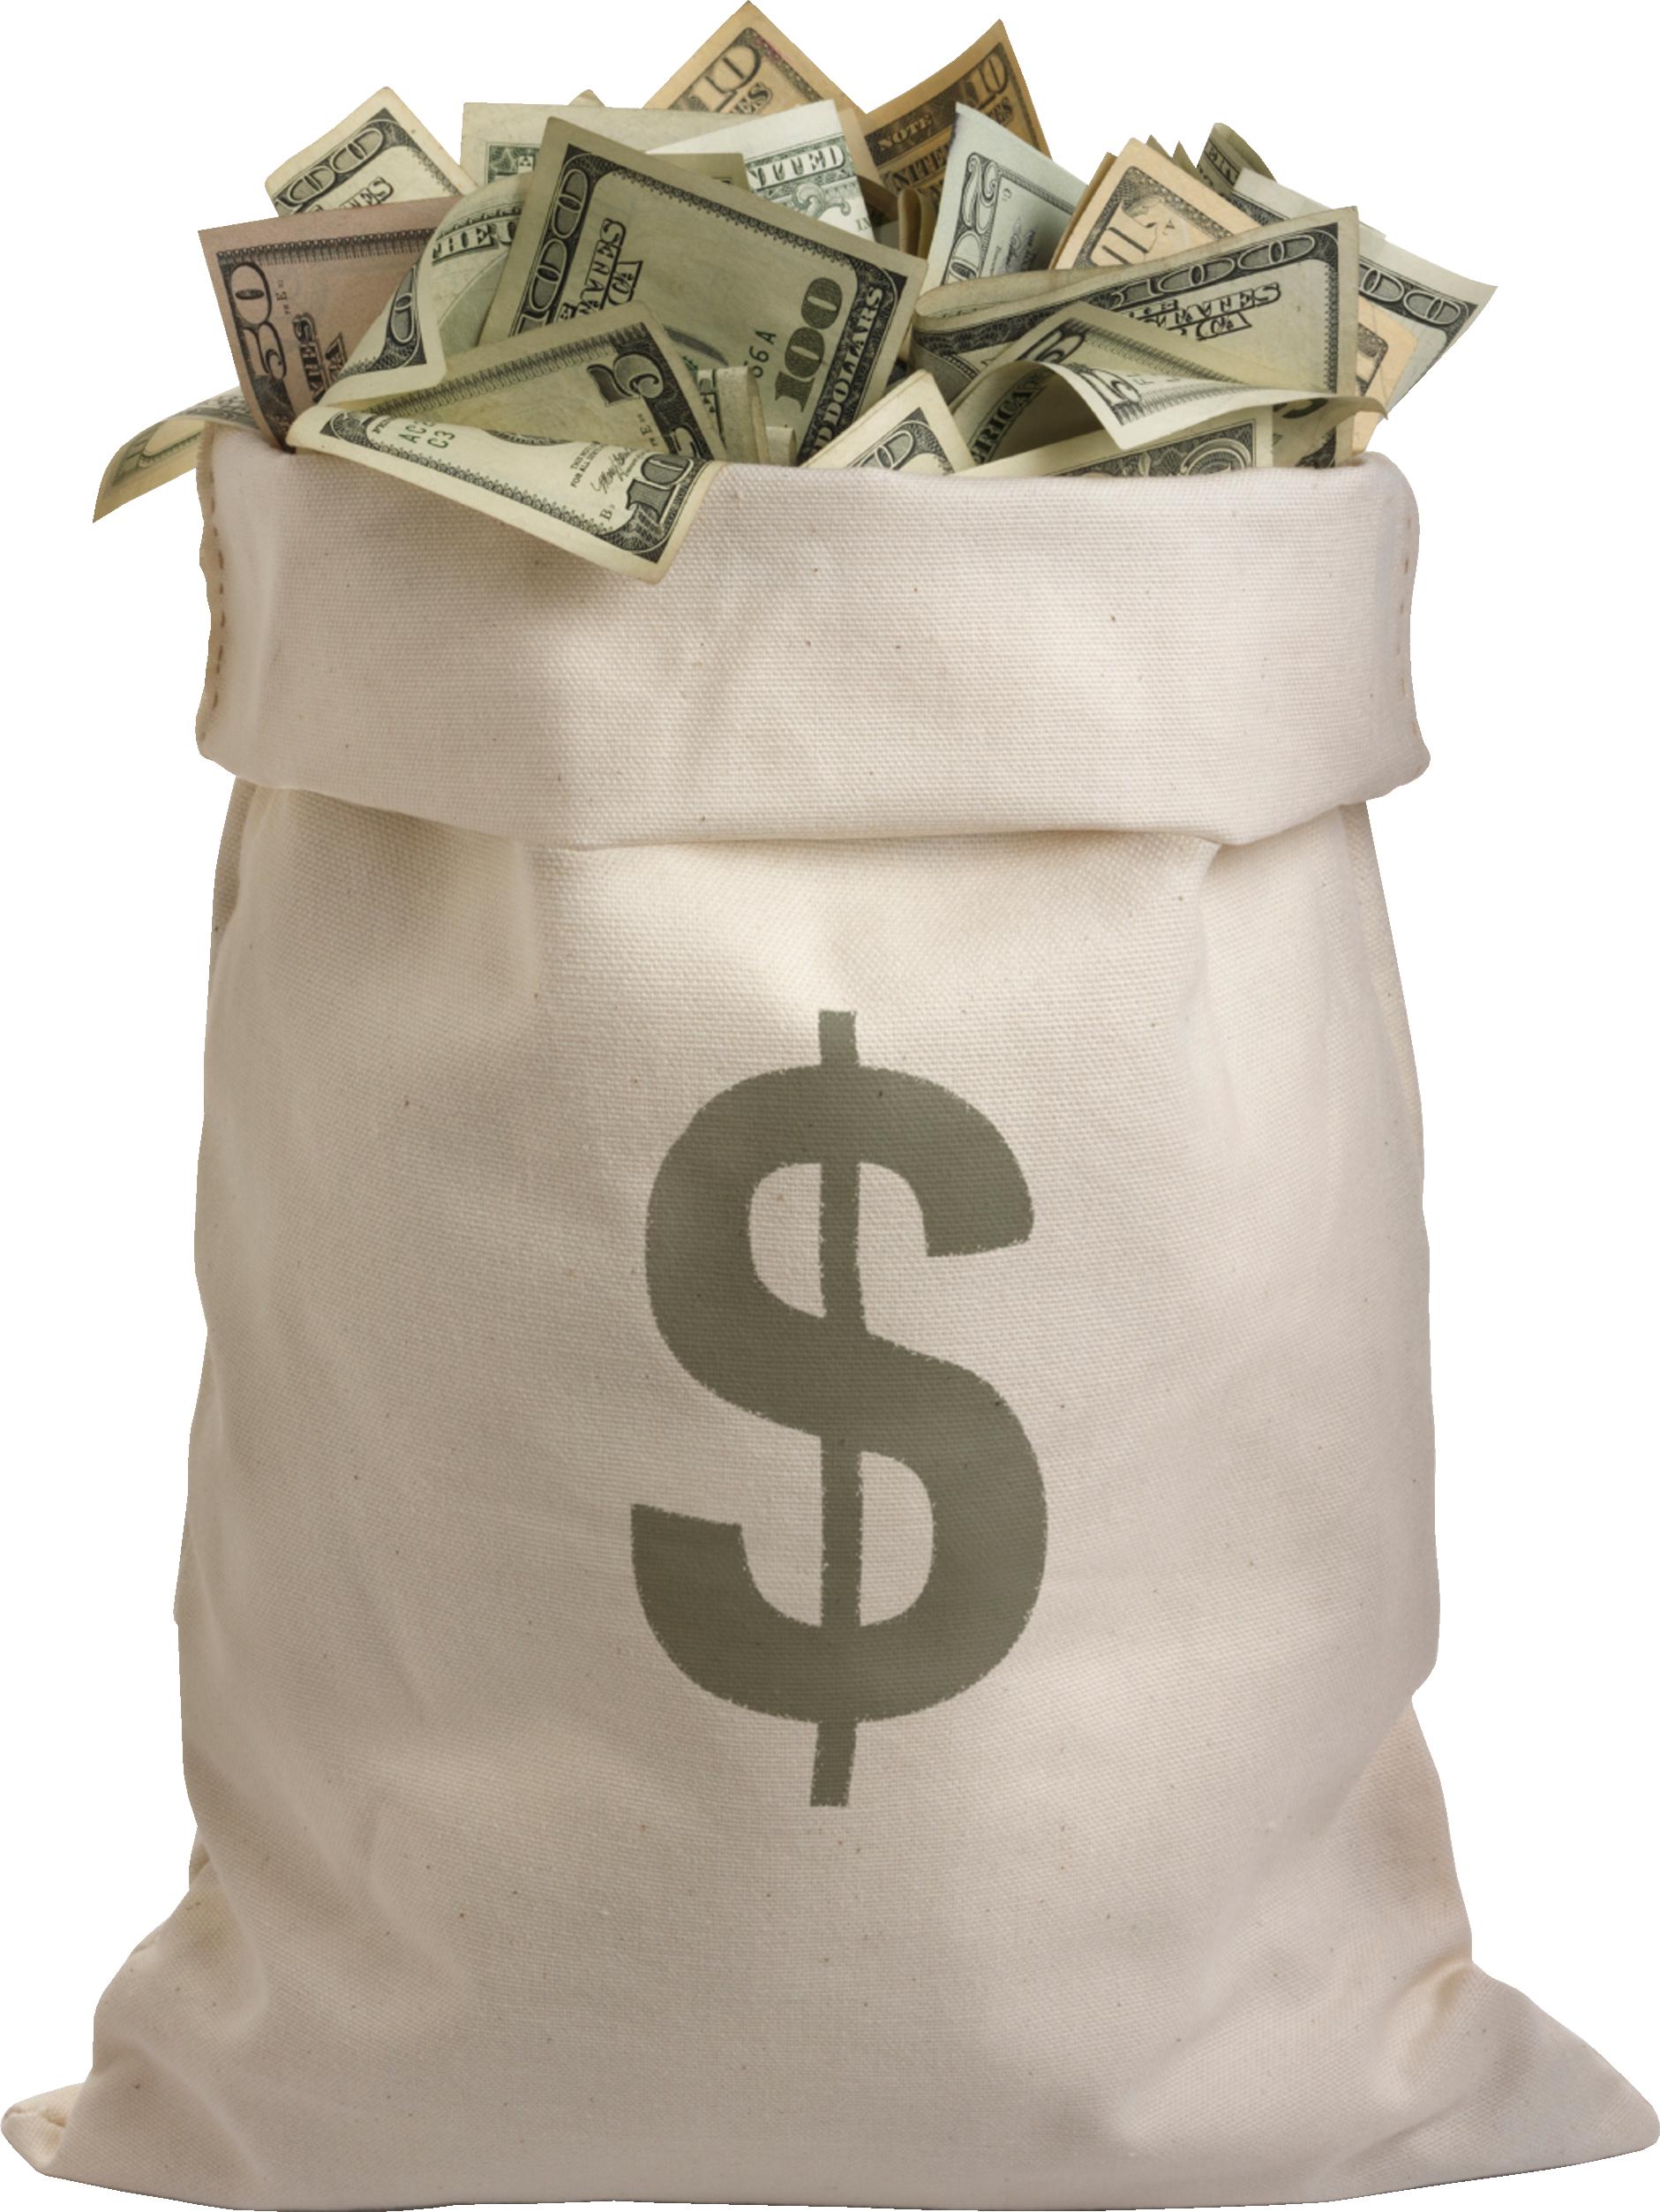 проведена разбивка мешок долларов картинка без фона первой части вышивали